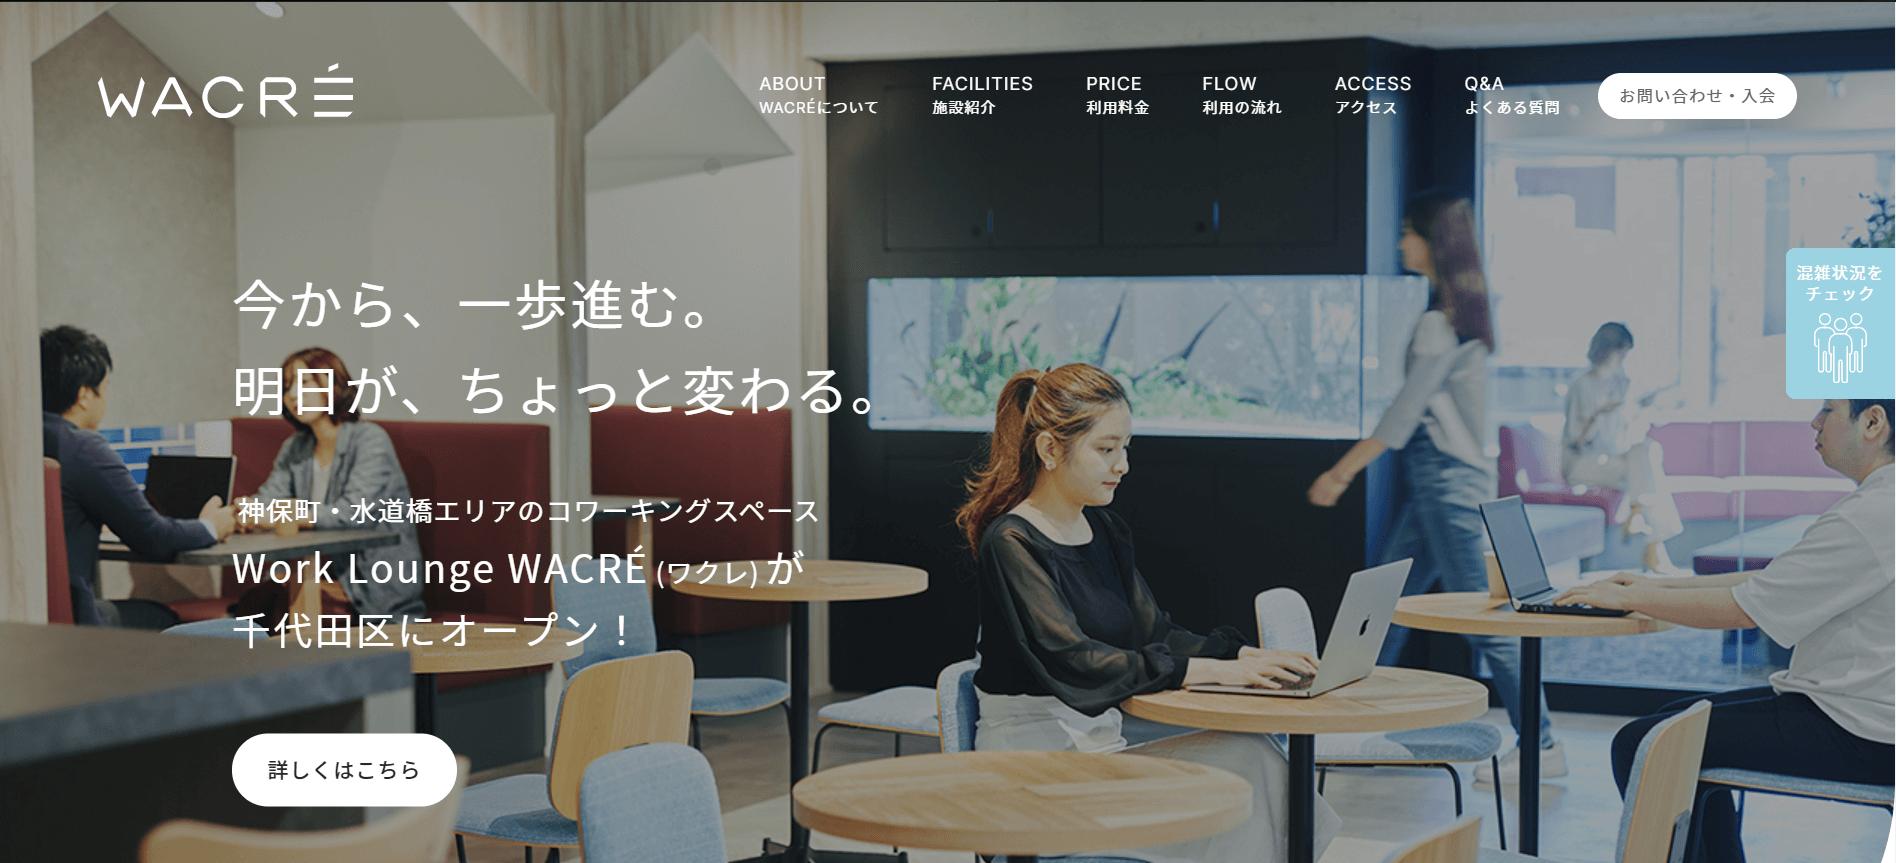 千代田区のおすすめコワーキングスペース WACRÉ(ワクレ)